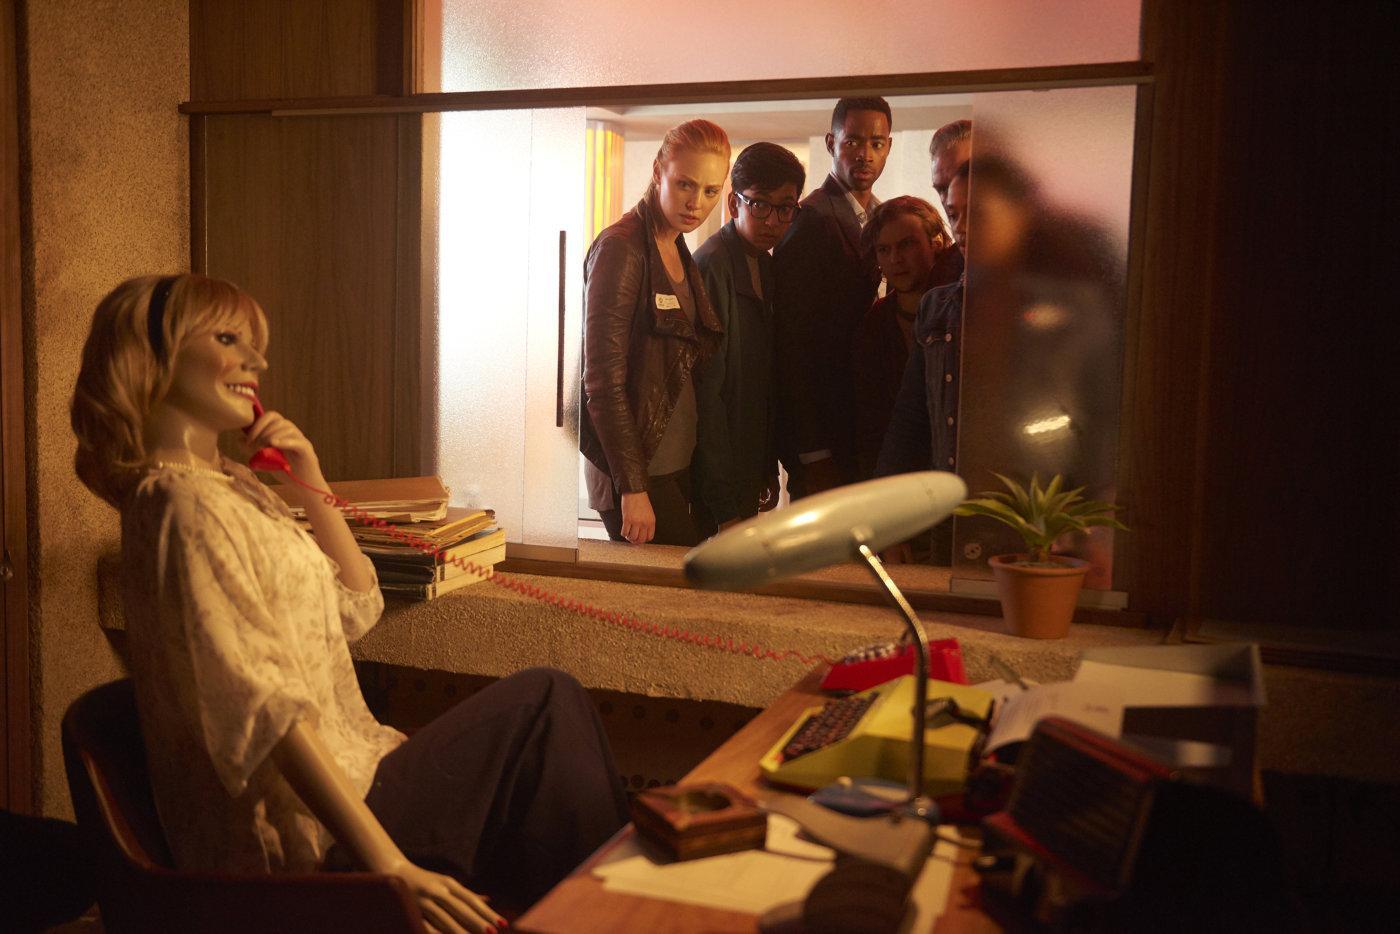 Фото из фильма Фильм - Смертельный лабиринт